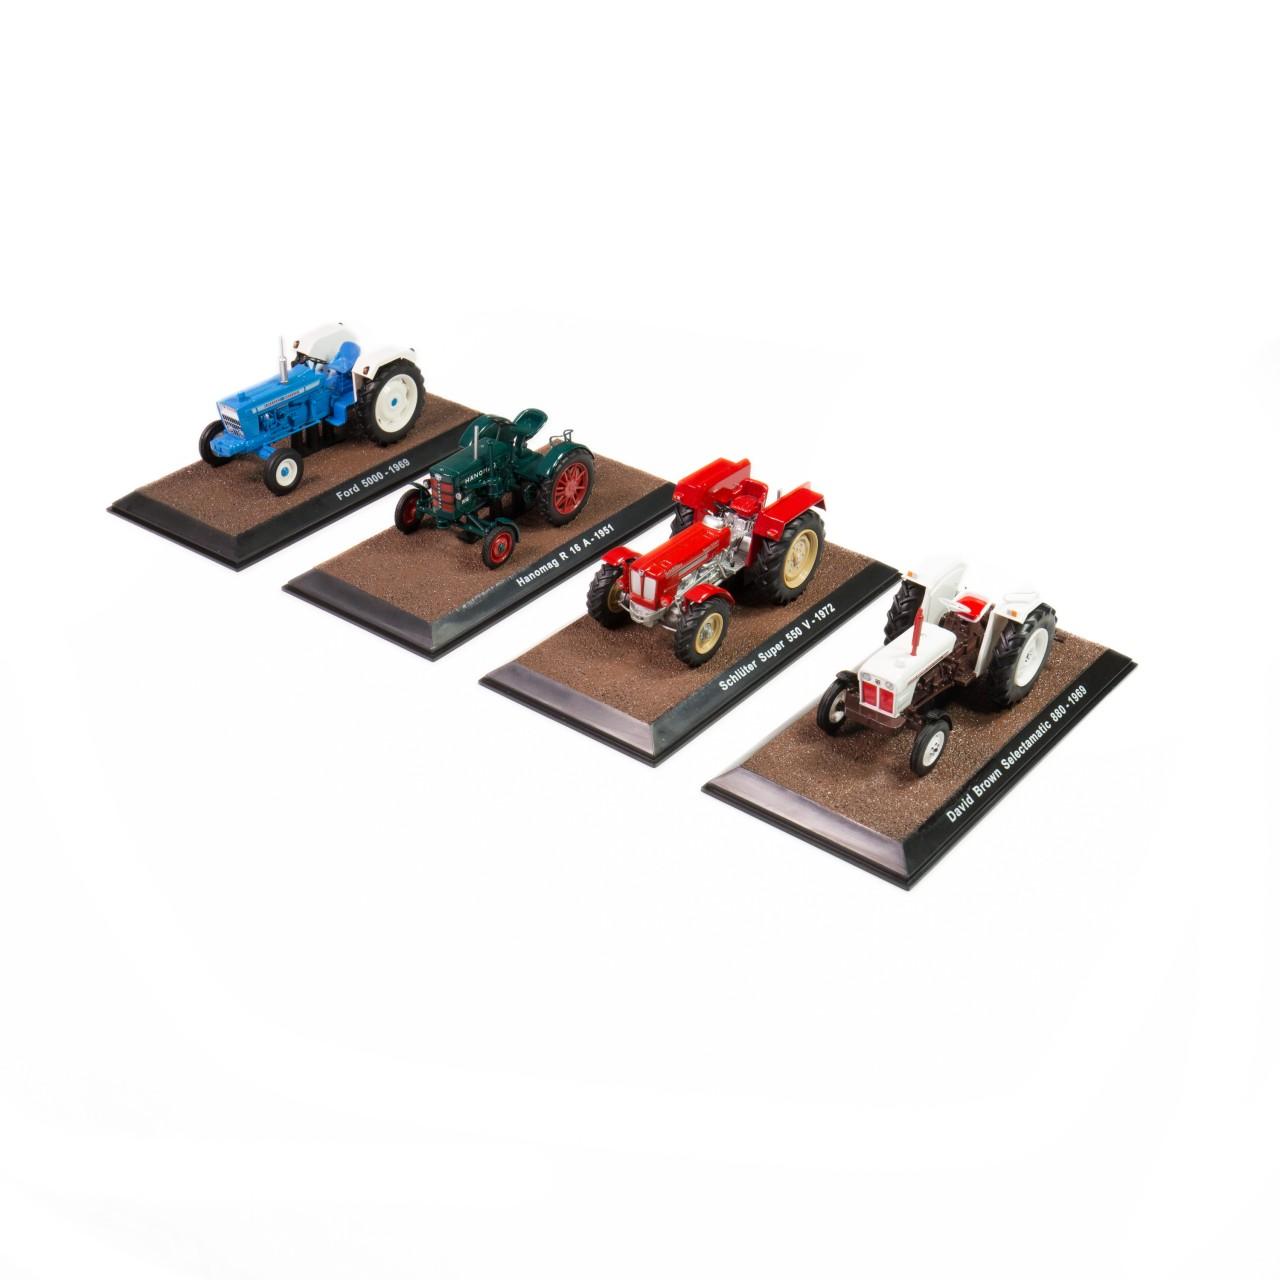 Le percheron t25 1947 Tracteur 1:32 ATLAS voiture miniature 013